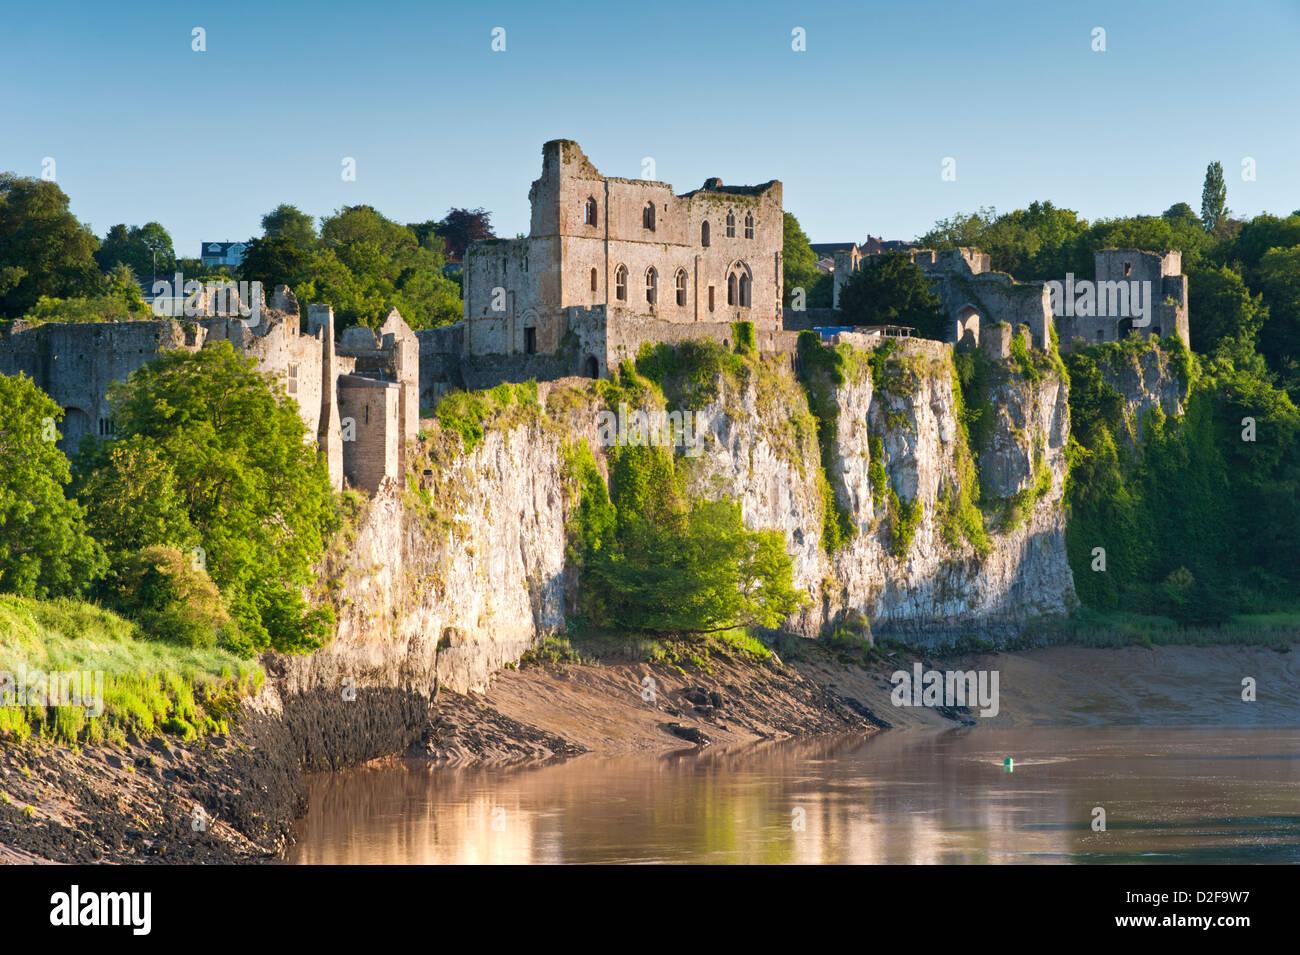 Le Château de Chepstow et la rivière Wye, Chepstow, Monmouthshire, South Wales, UK Photo Stock